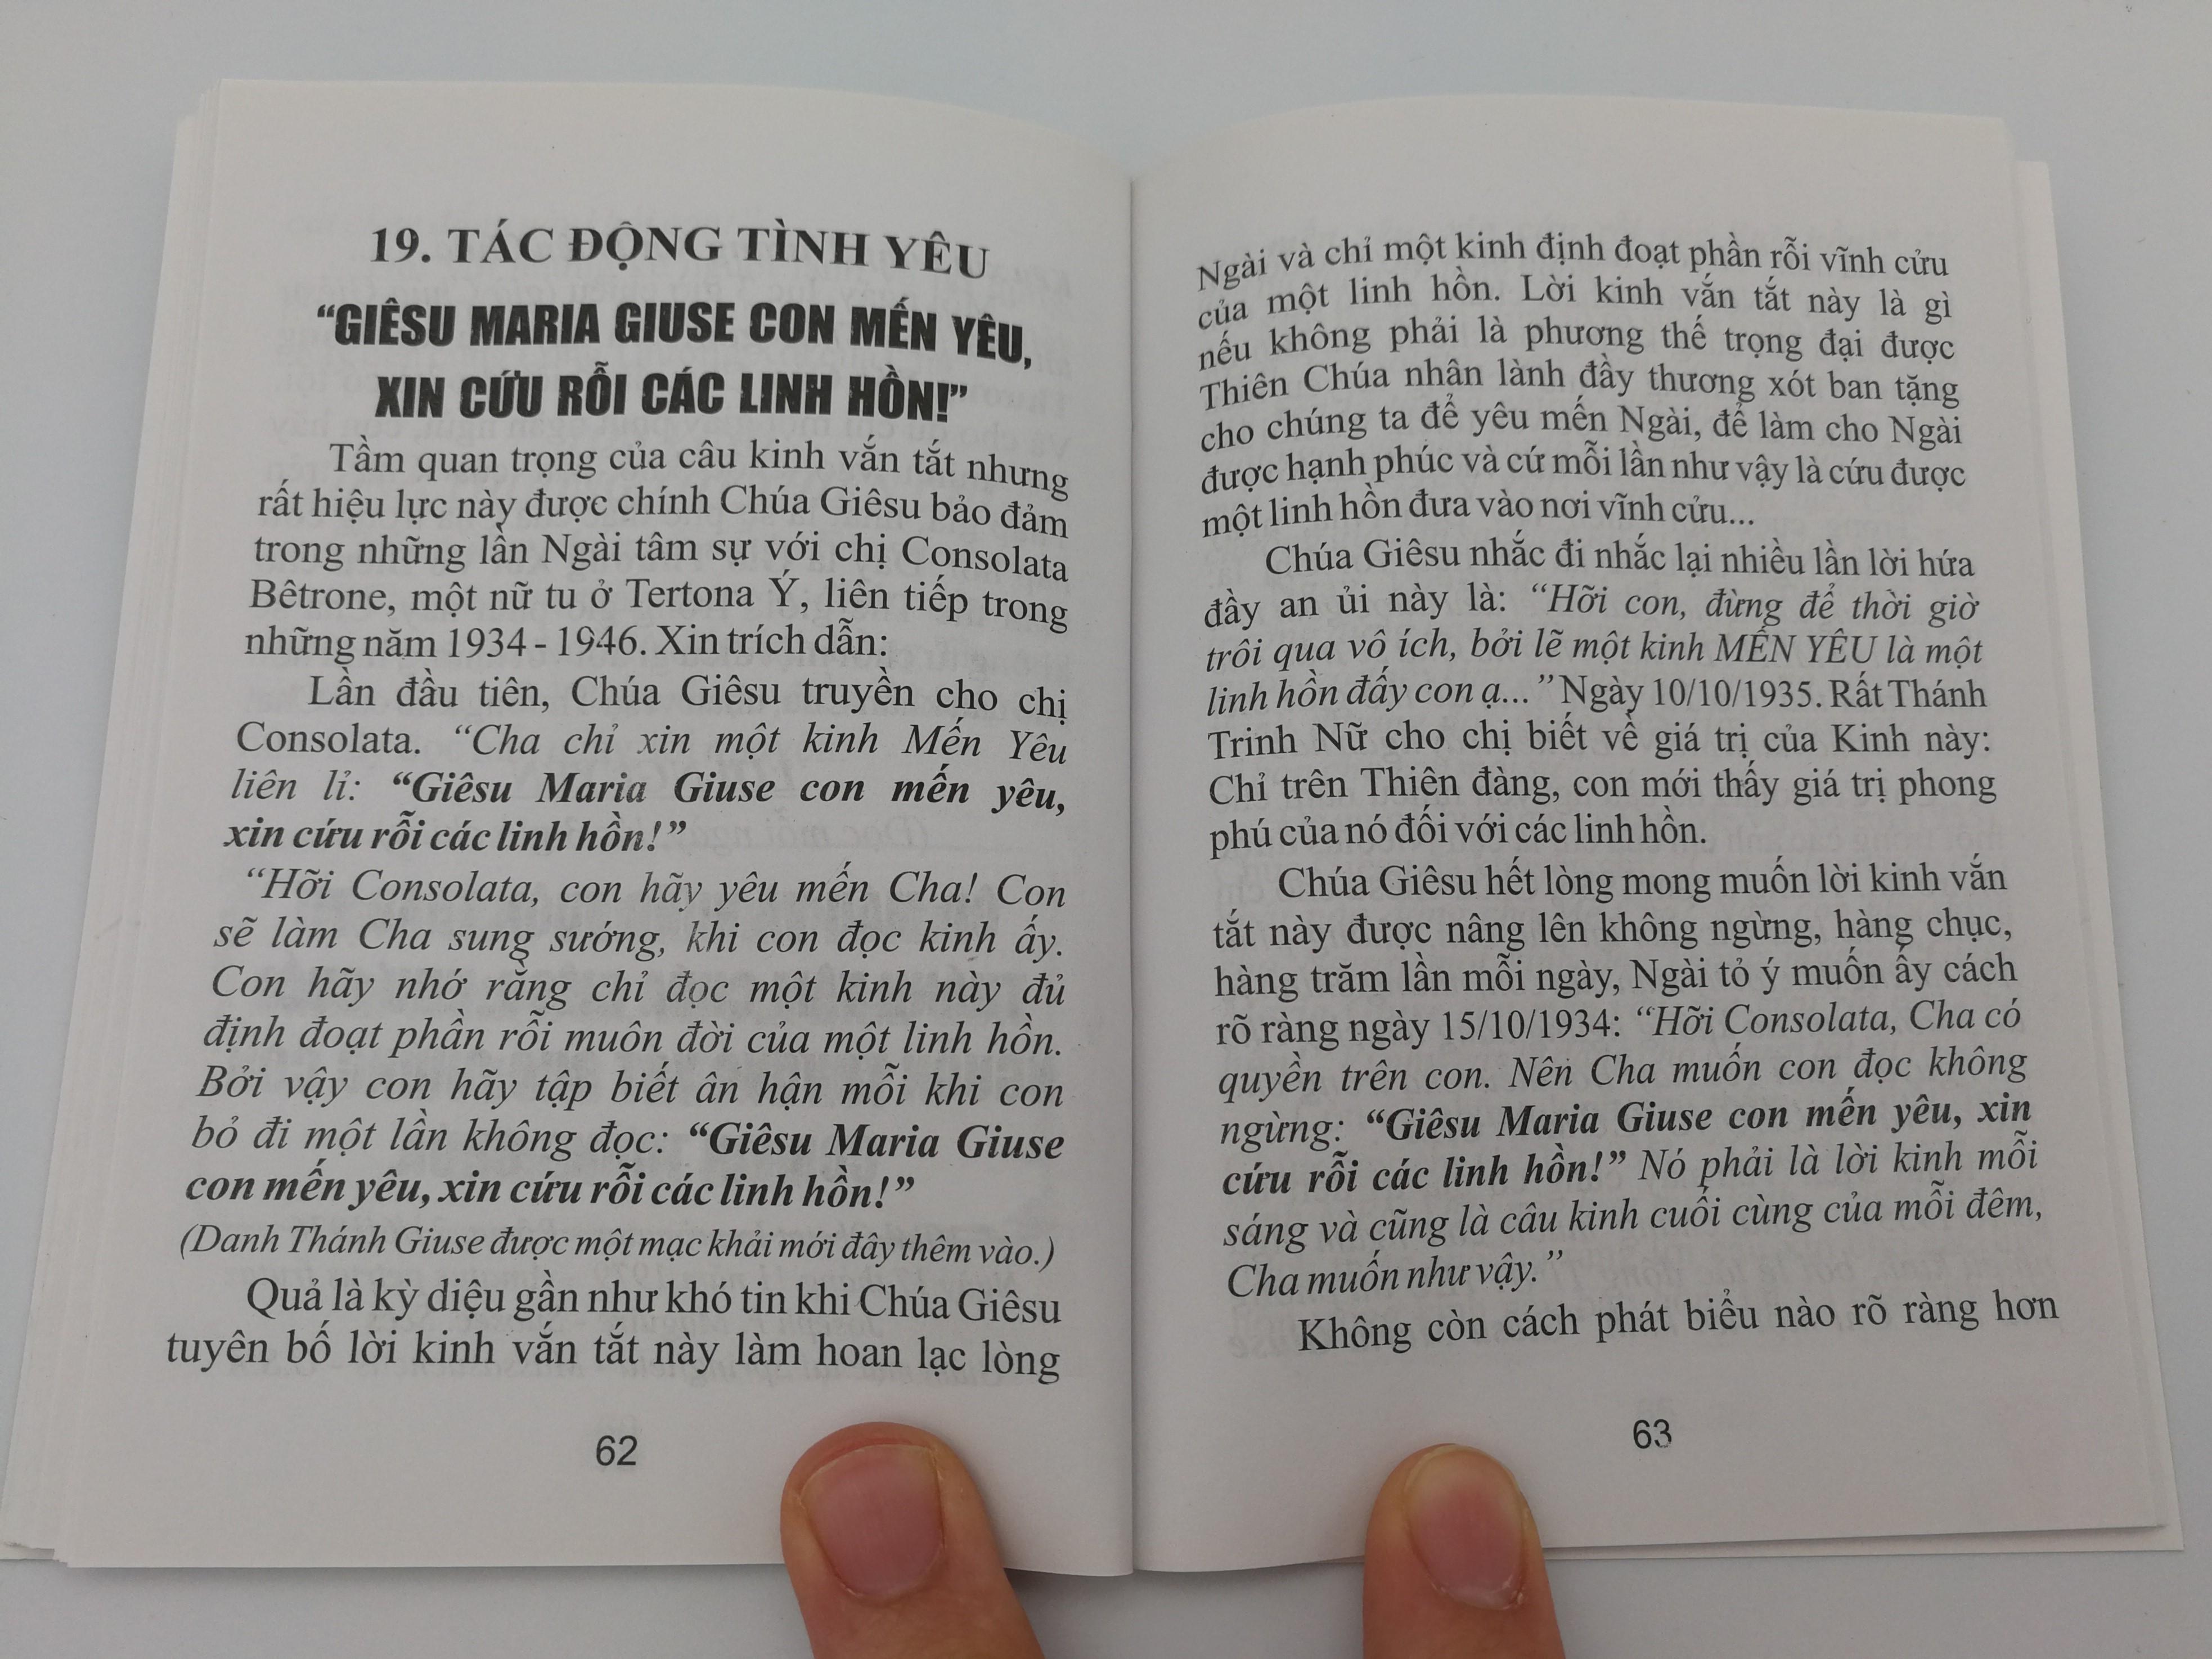 vietnamese-language-roman-catholic-prayer-book-daily-prayers-9.jpg